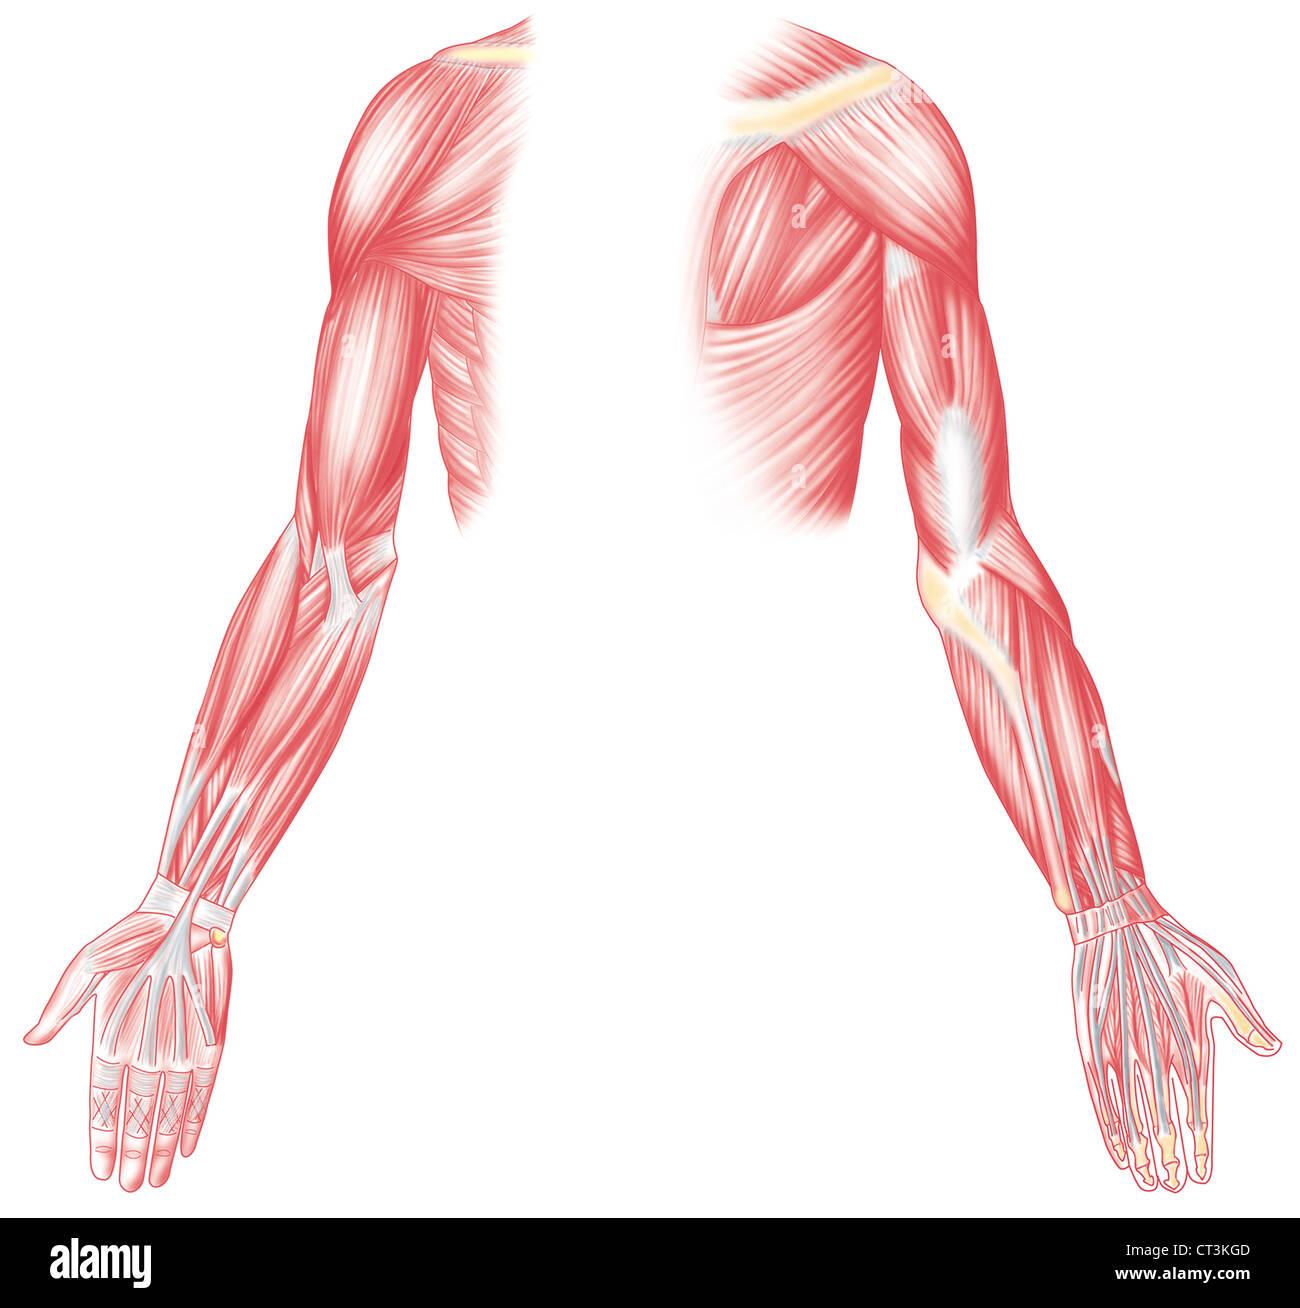 Berühmt Oberkörper Muskel Namen Zeitgenössisch - Menschliche ...